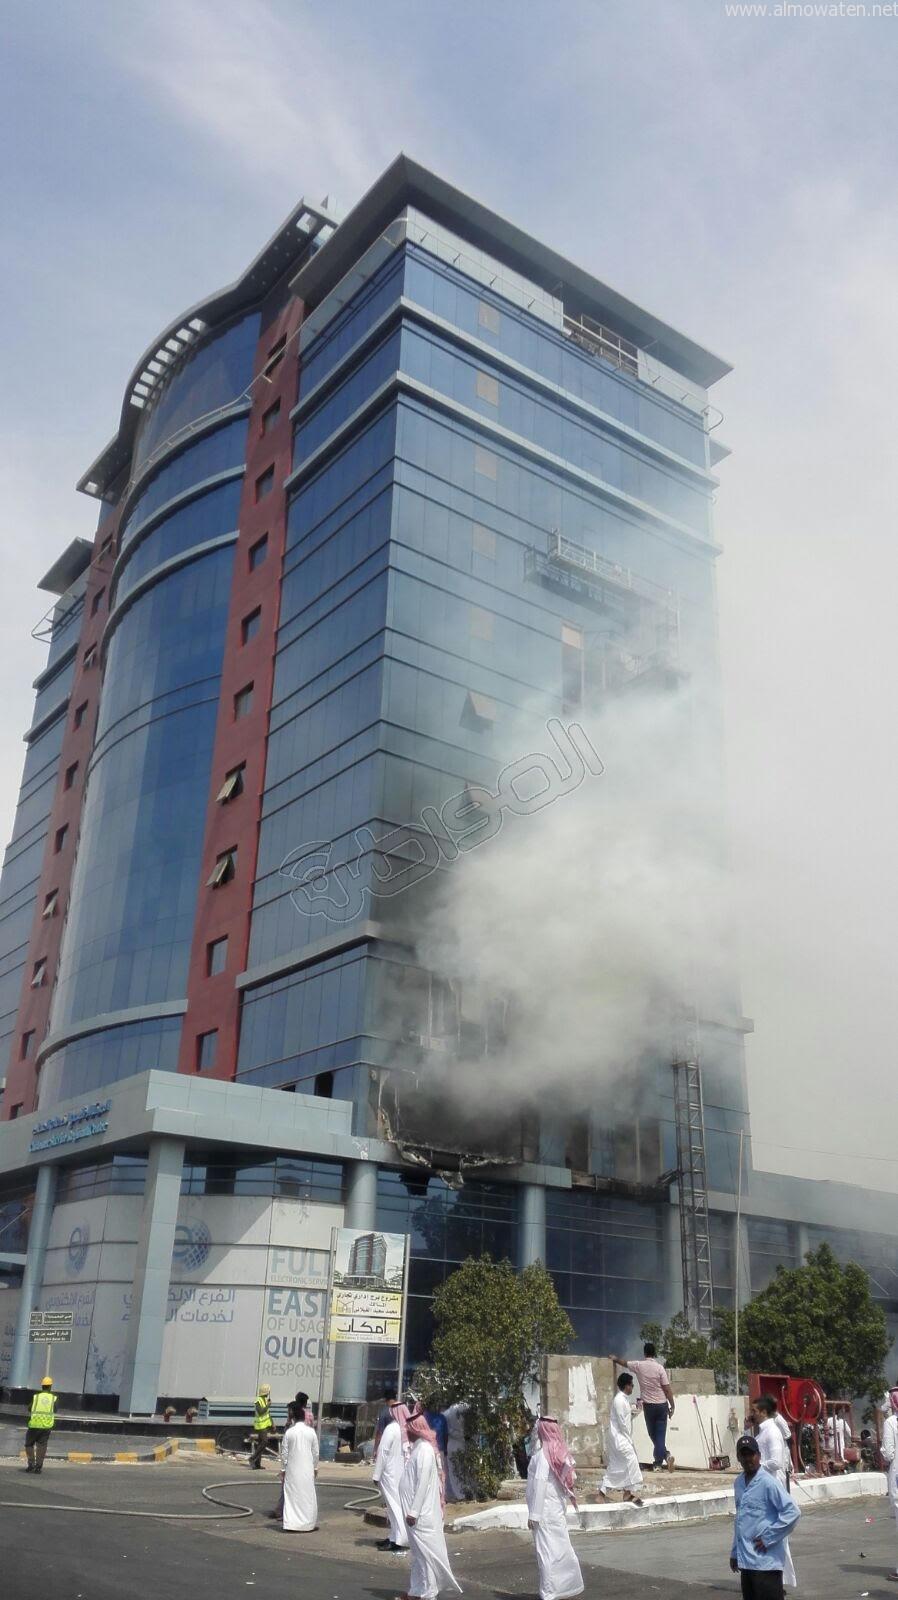 شاهد بالصور.. حريق في مبنى شركة المياه الوطنية في جدة - المواطن